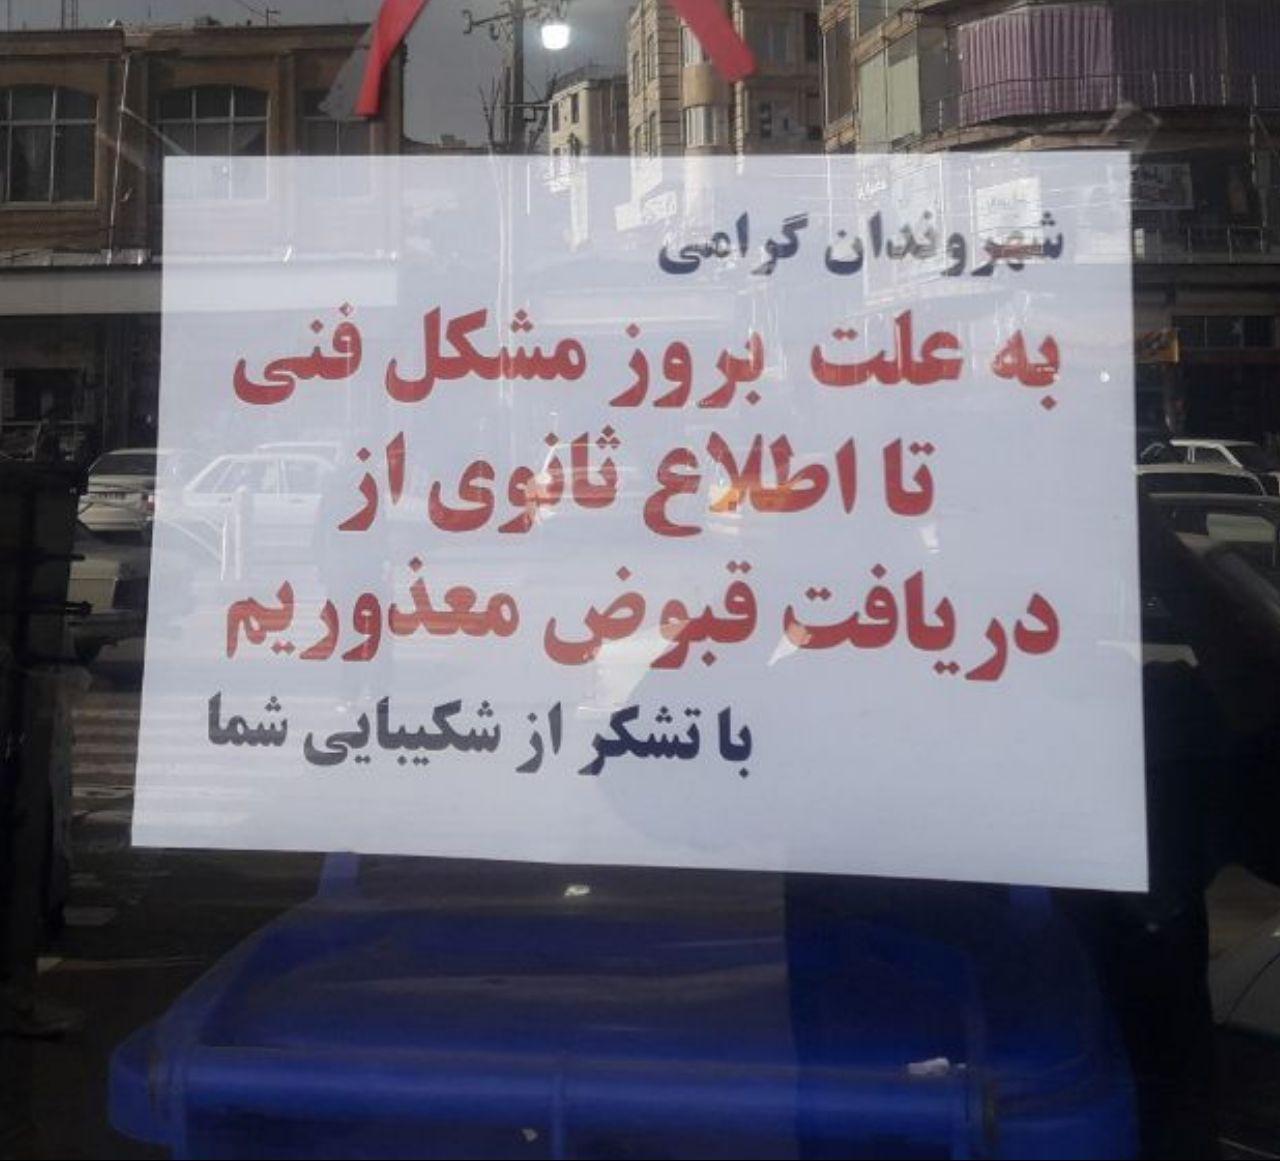 قبوض آب، برق و گاز روی دست مردم/ سرگردانی دفاتر پیشخوان دولت بعلت کاهش کارمزدها